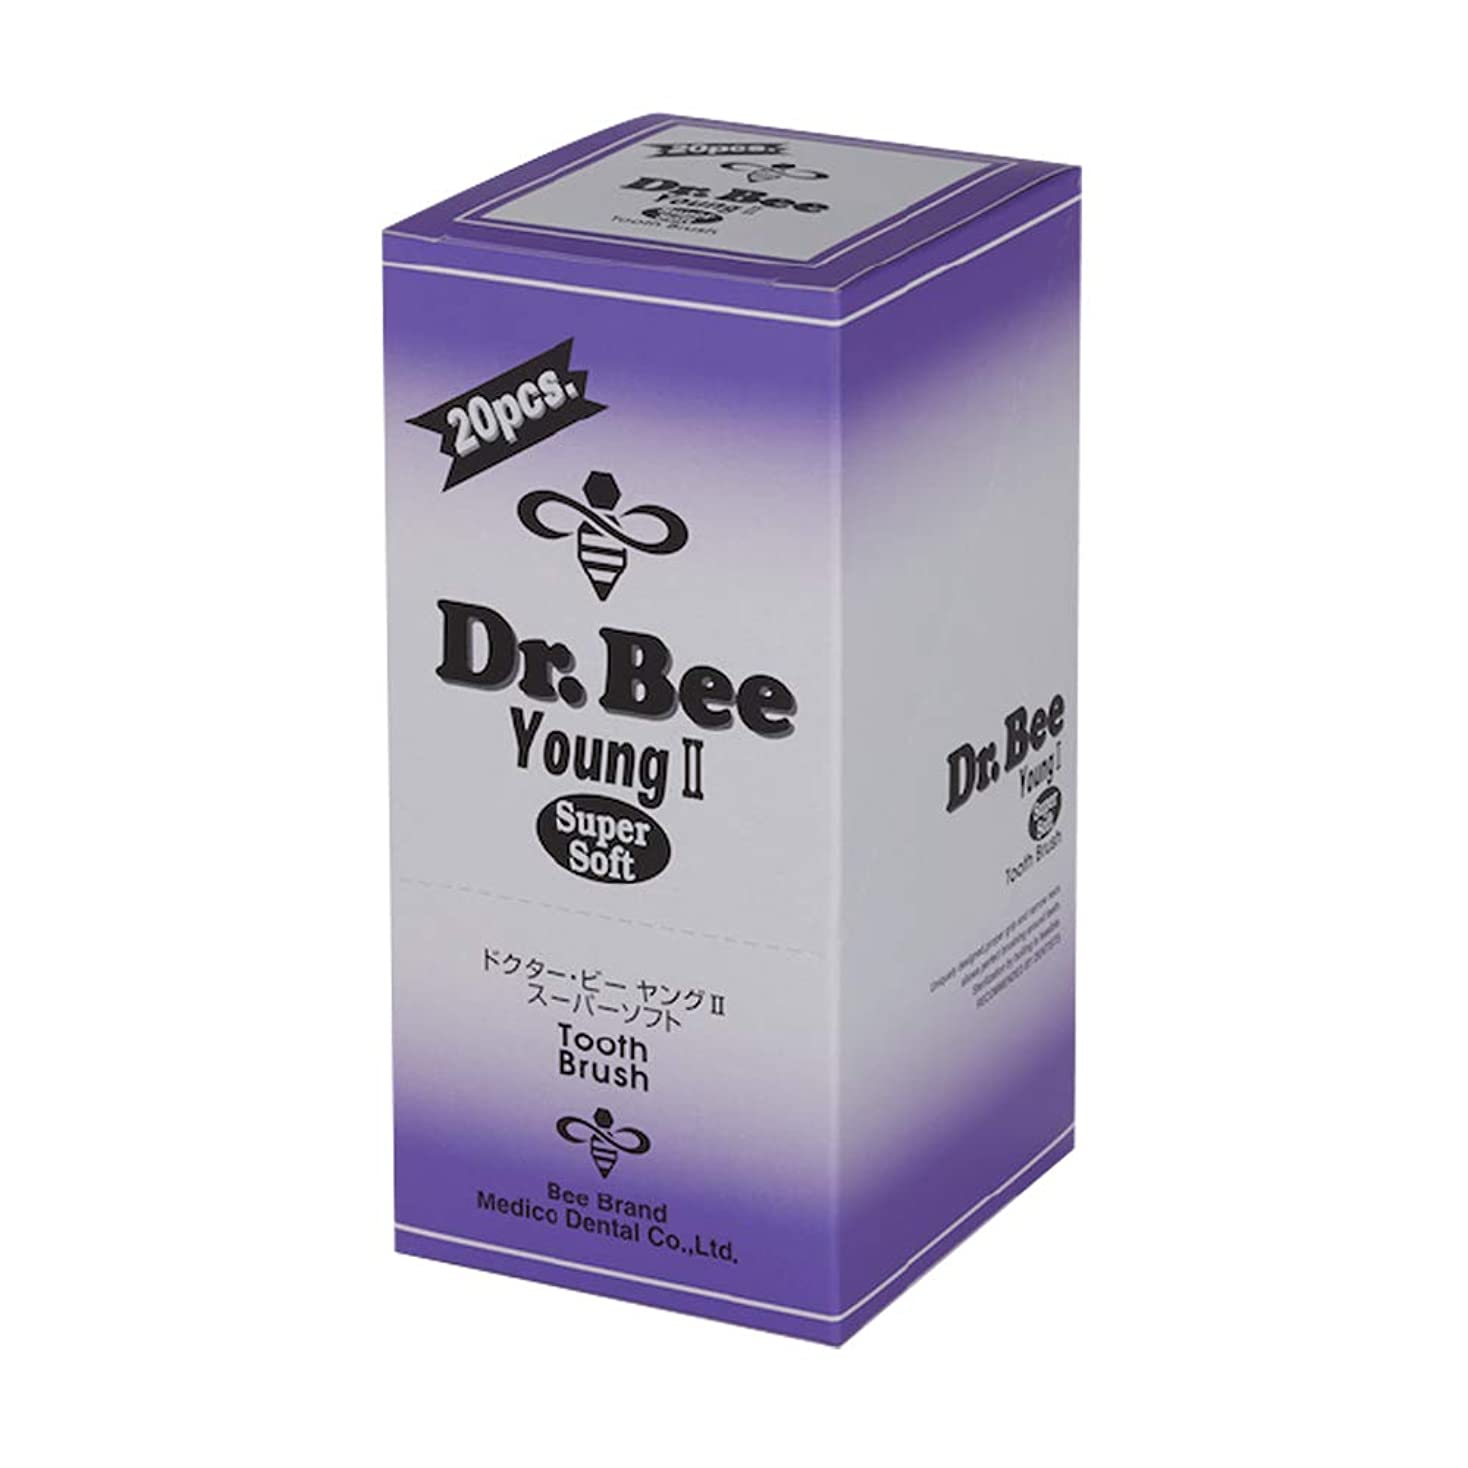 シンカン用心深いマチュピチュDr.Bee ヤングⅡ スーパーソフト 20本入り